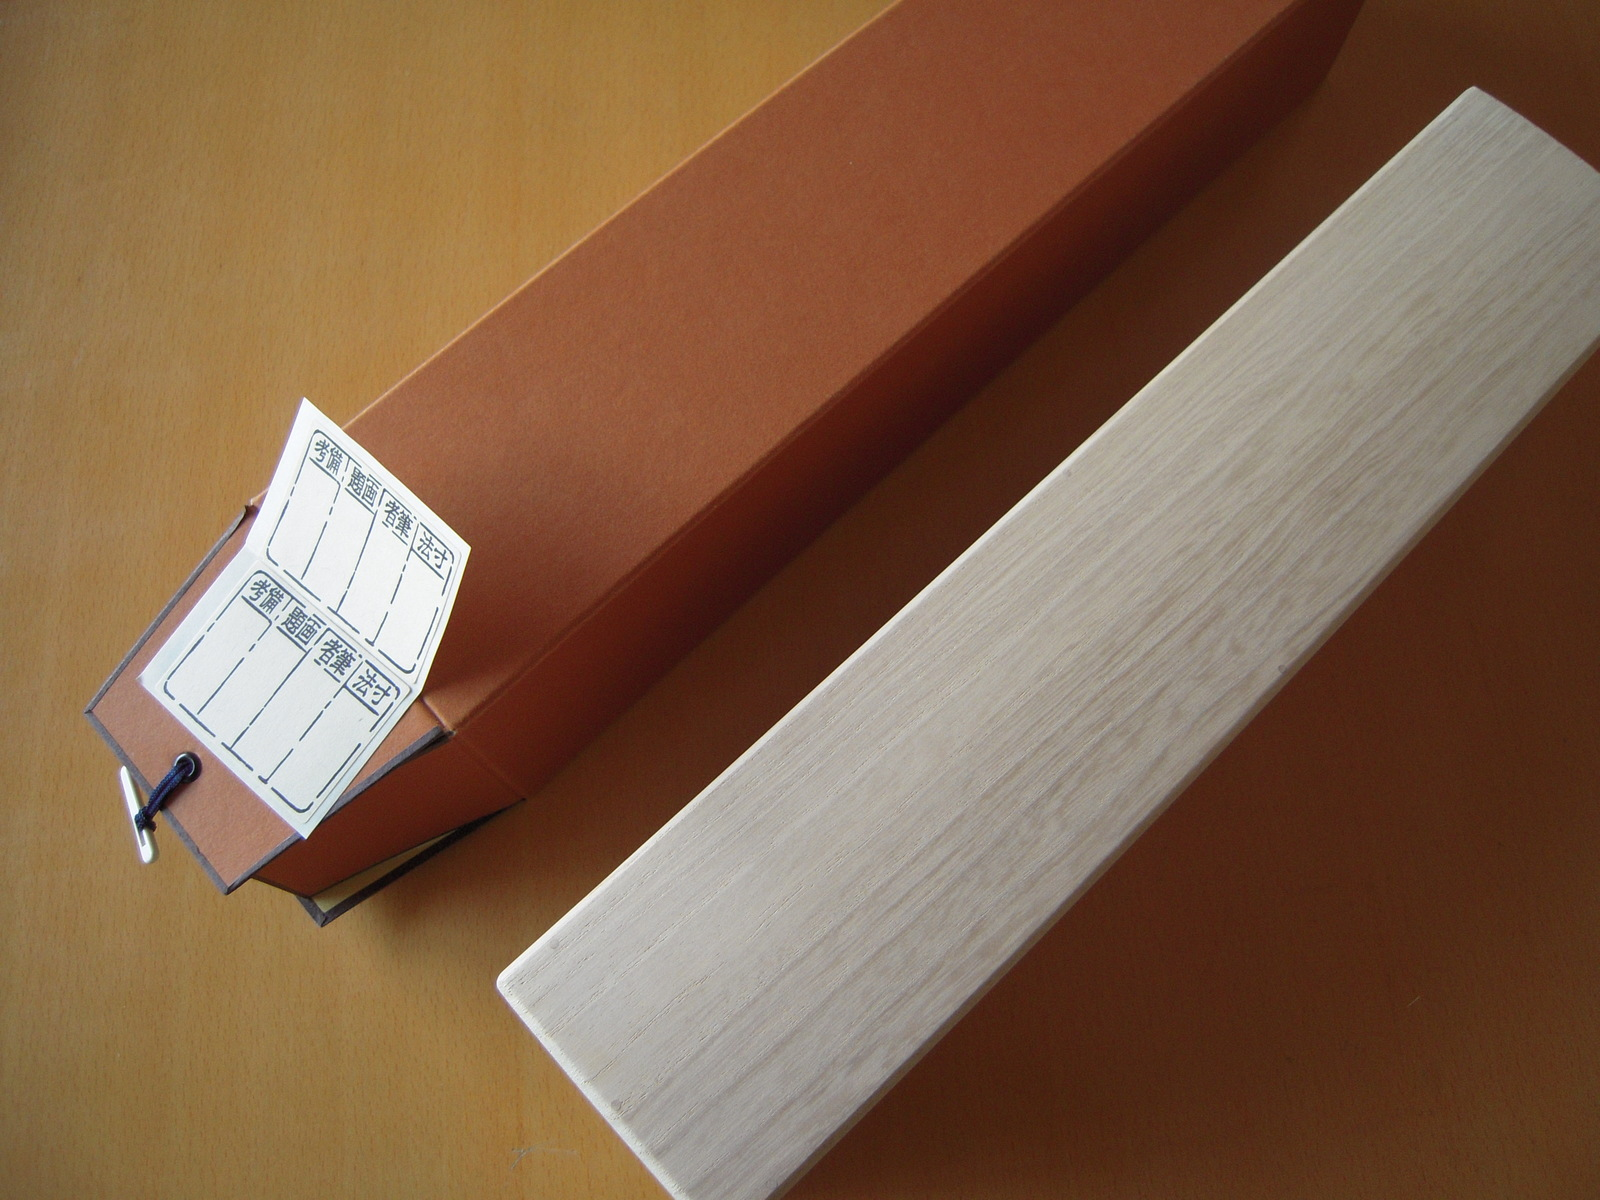 掛け軸箱 2尺3寸5分 オンライン限定商品 D 712 安い 激安 プチプラ 高品質 W 60 H 62 235 単品 国産 桐製 賞状 軸箱 安い 収納 整理 インテリア 虫除け シール タトウ紙 手作り 伝統工芸